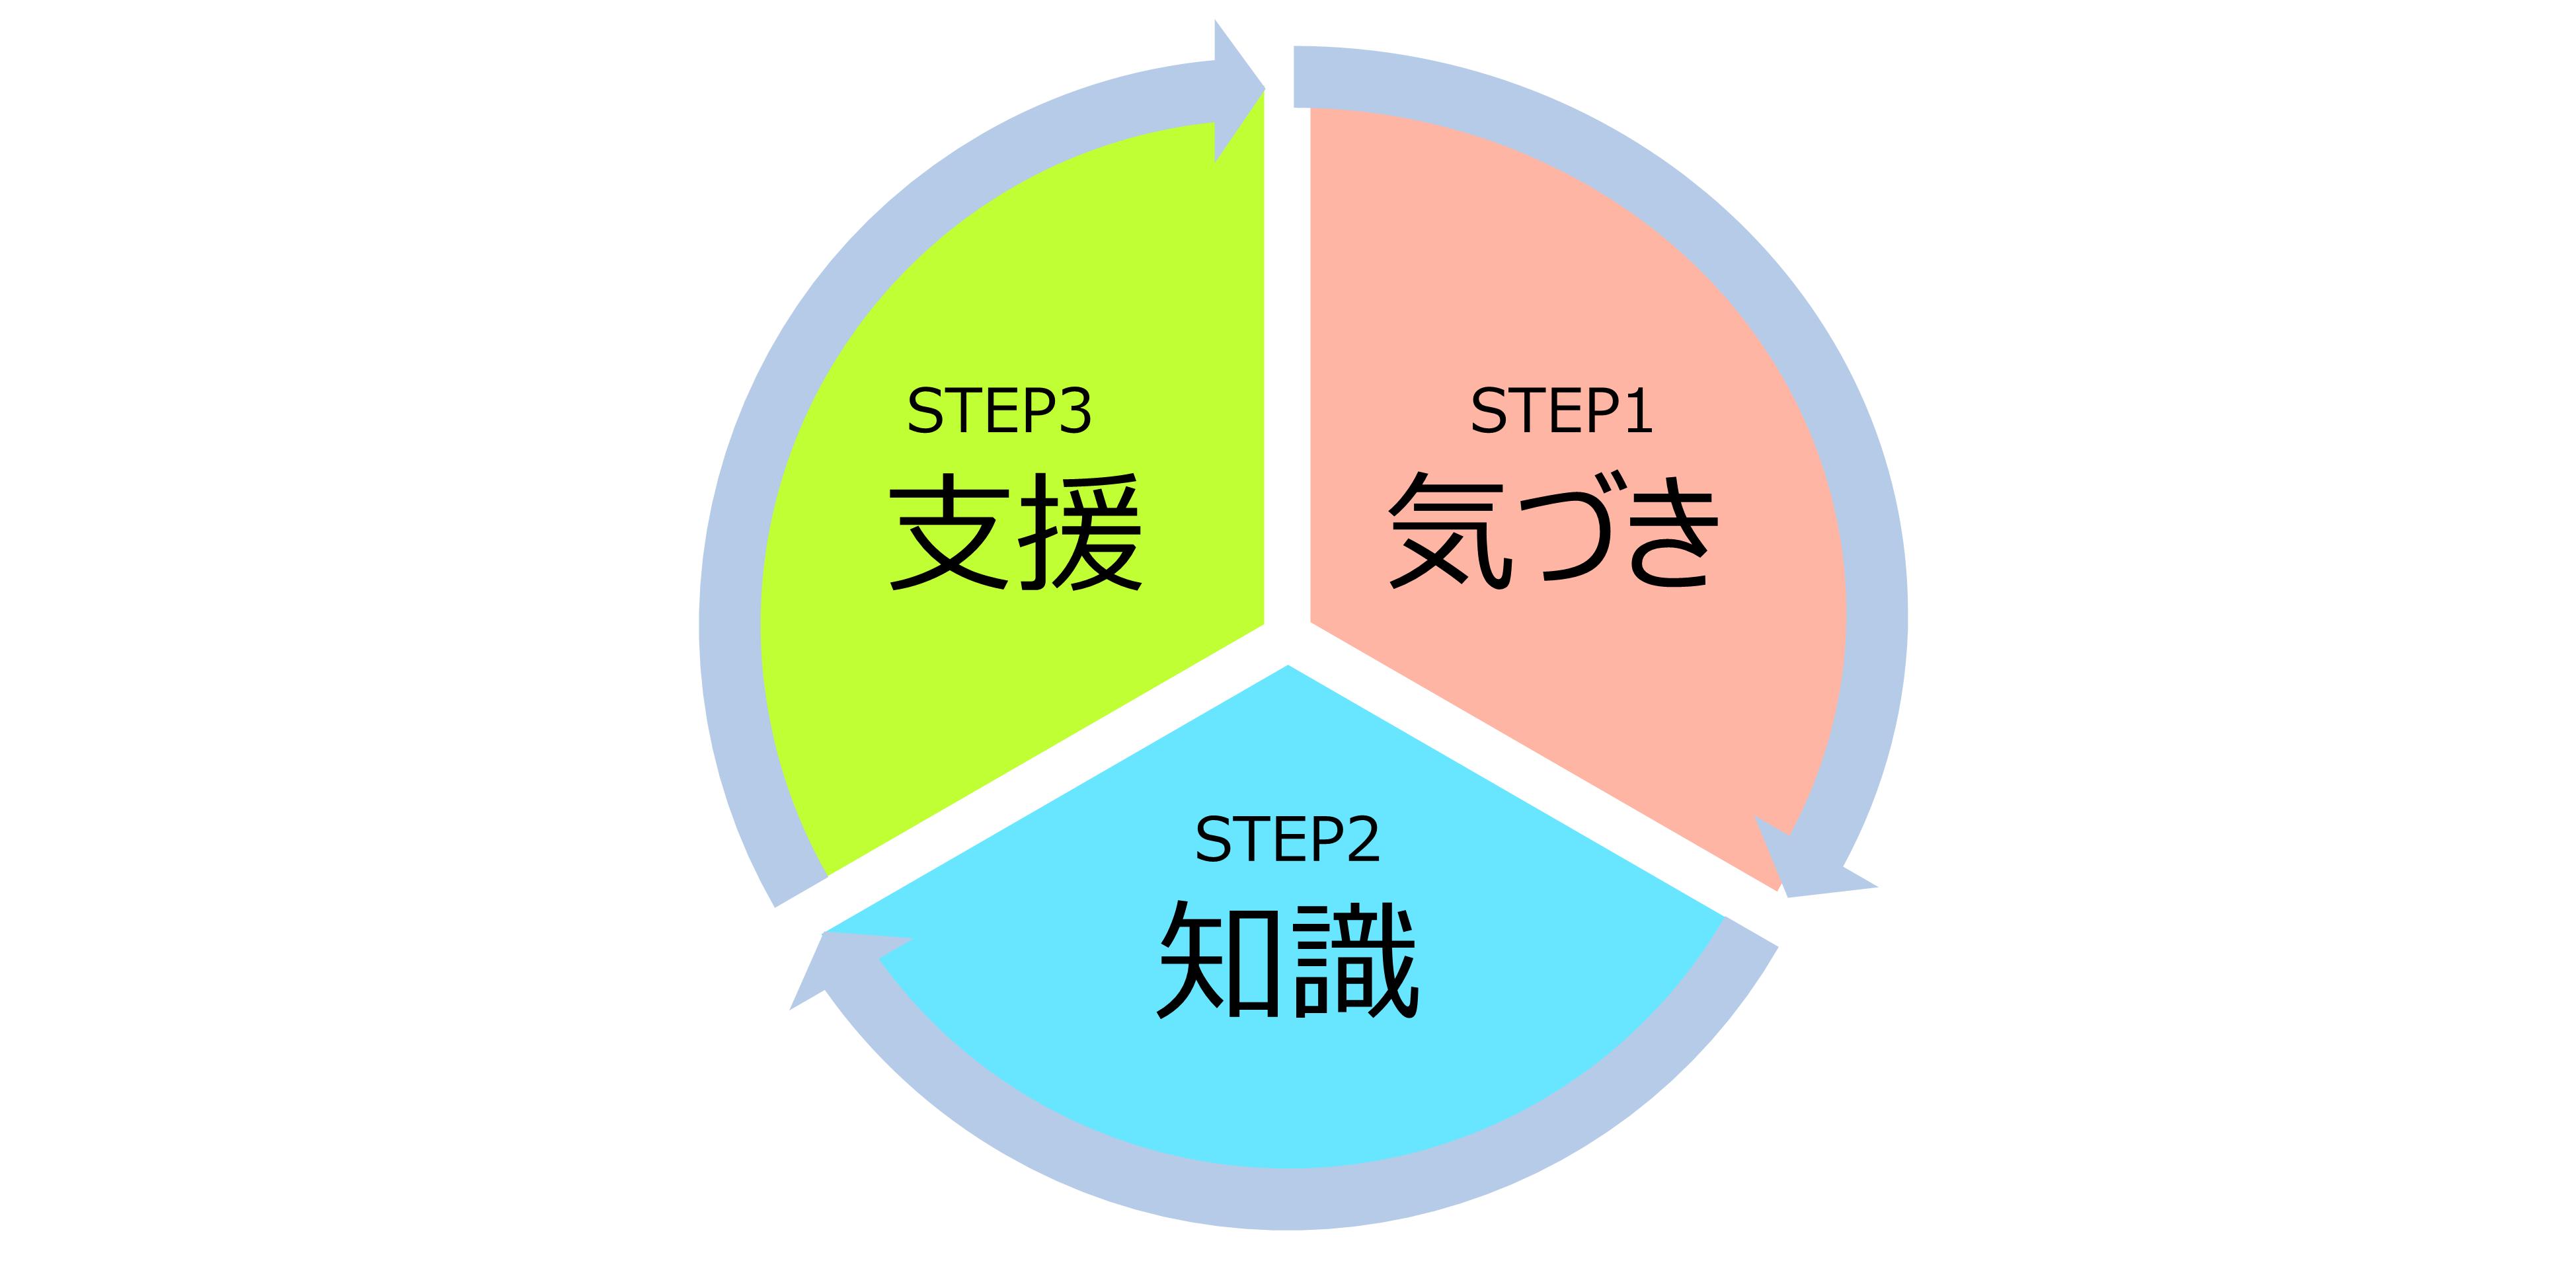 健康意識を向上させる理想的なサイクル